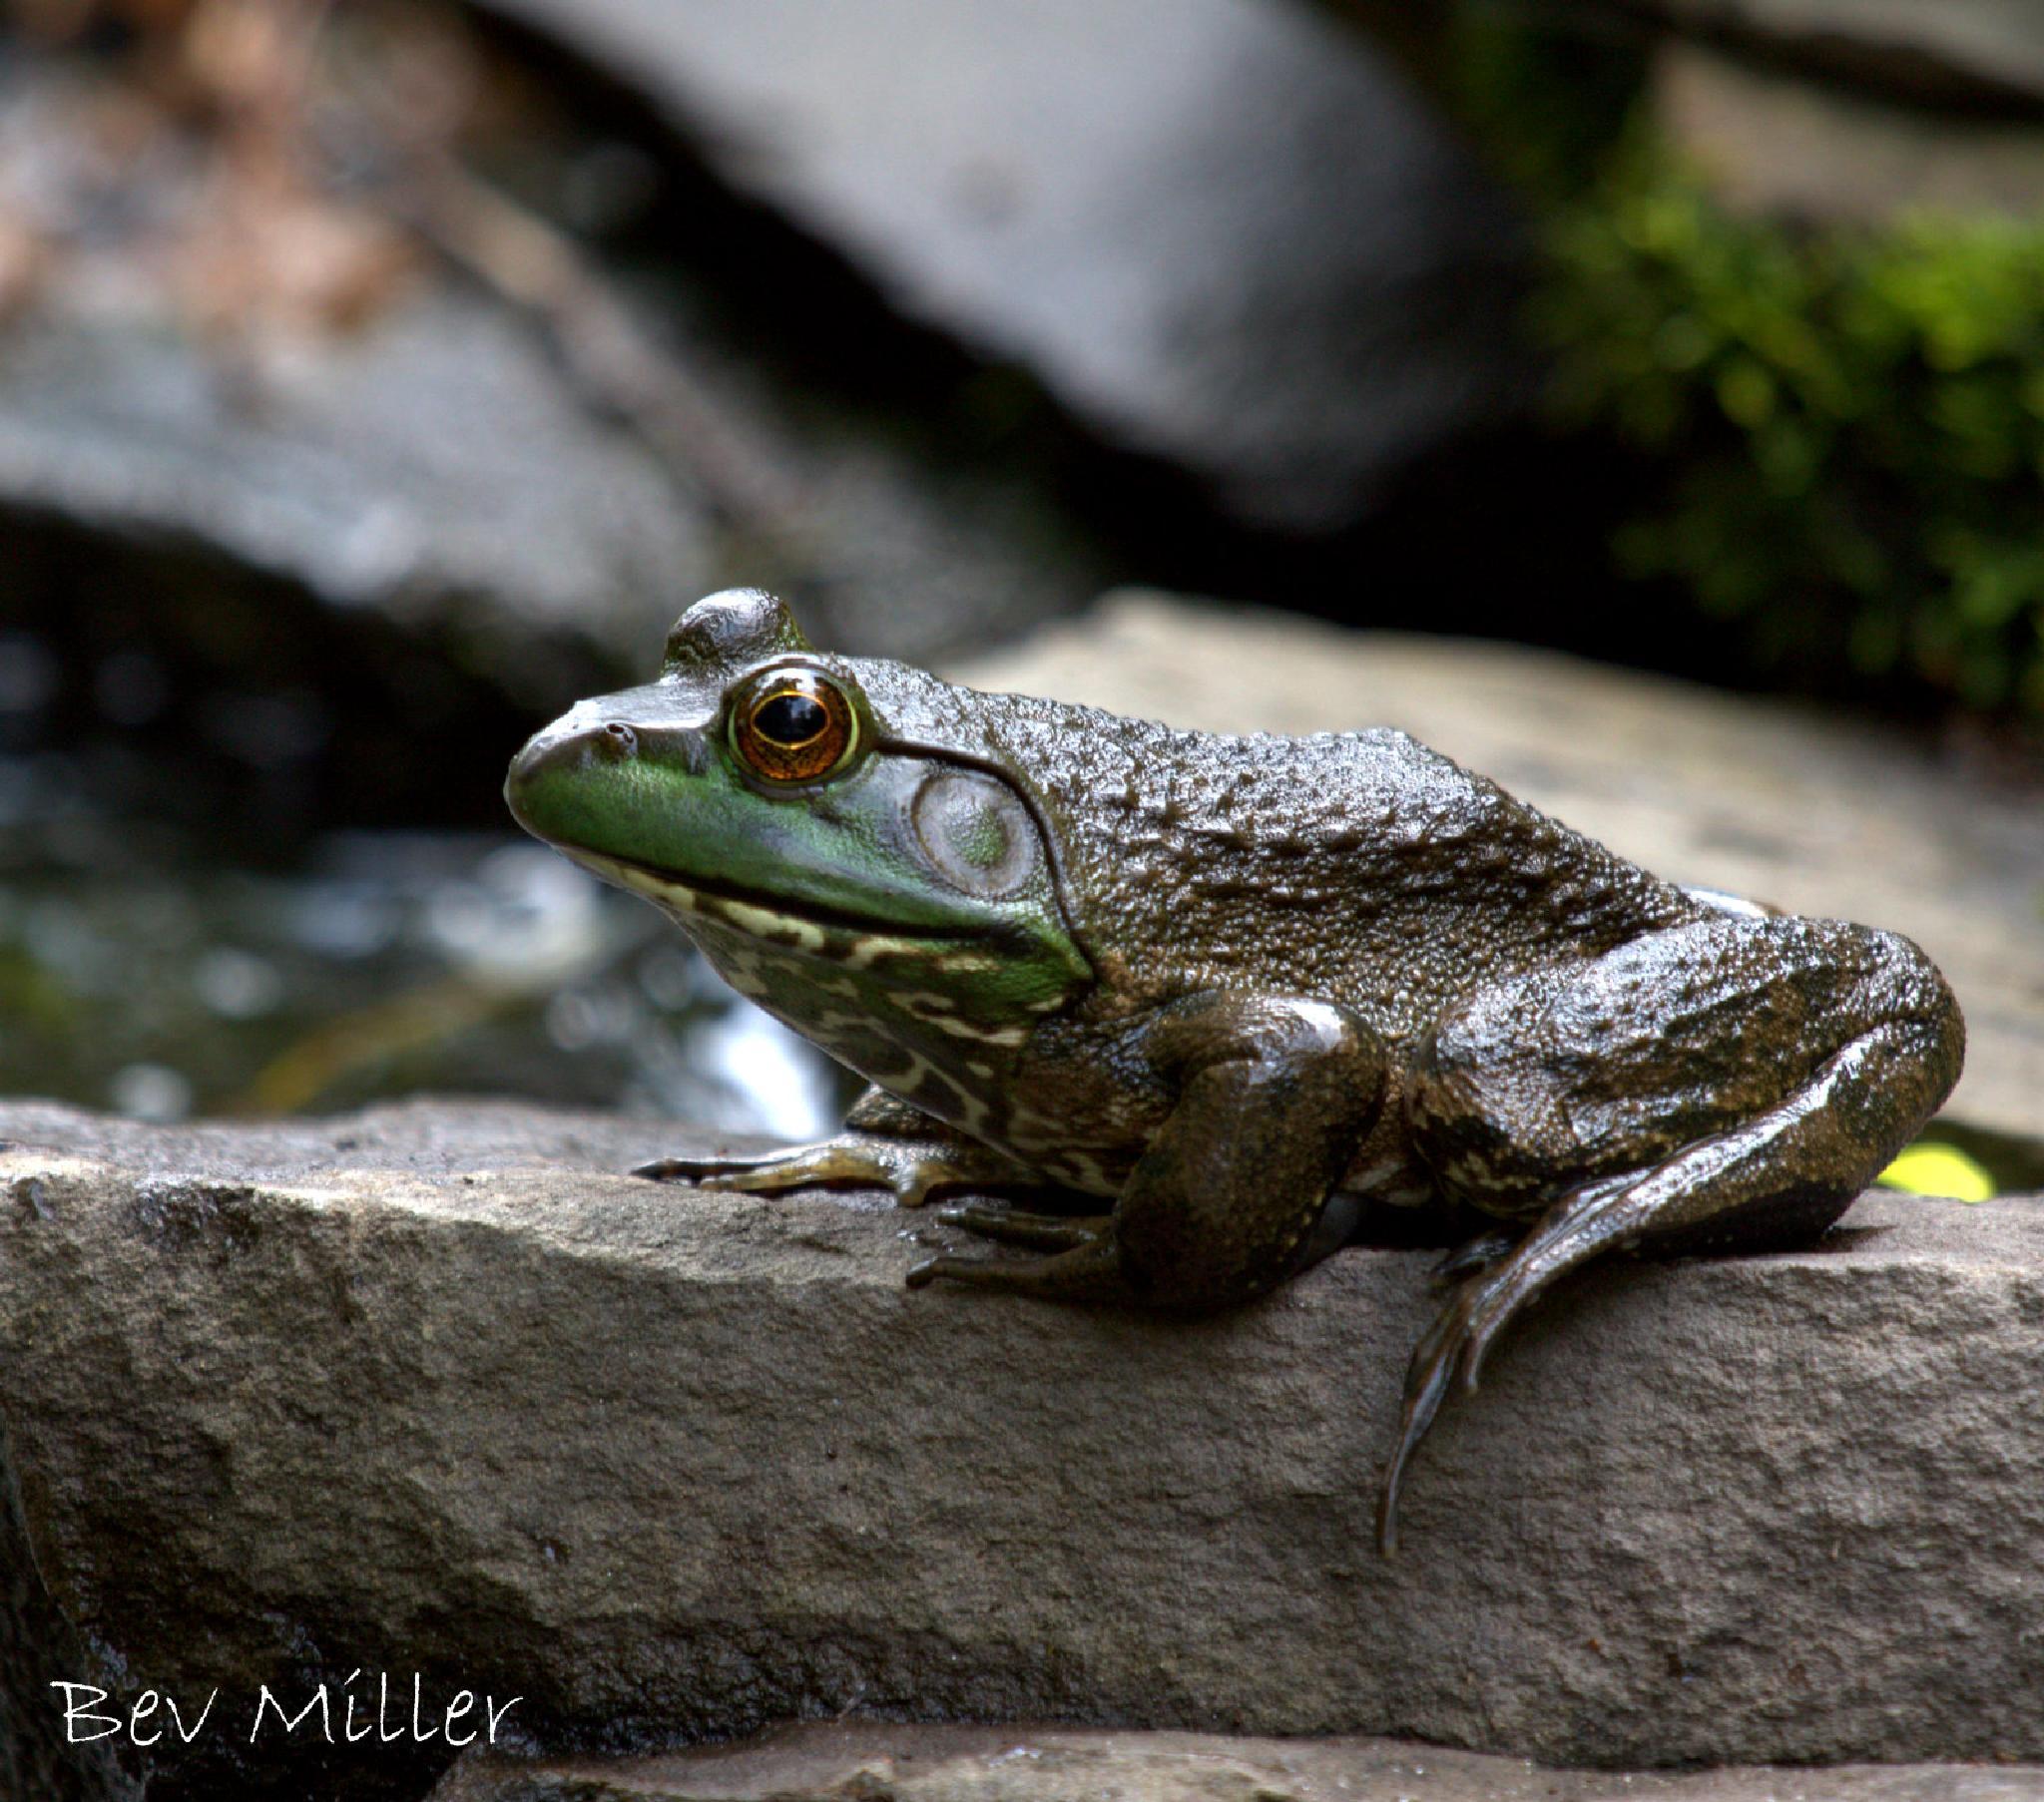 Bullfrog by Beverly